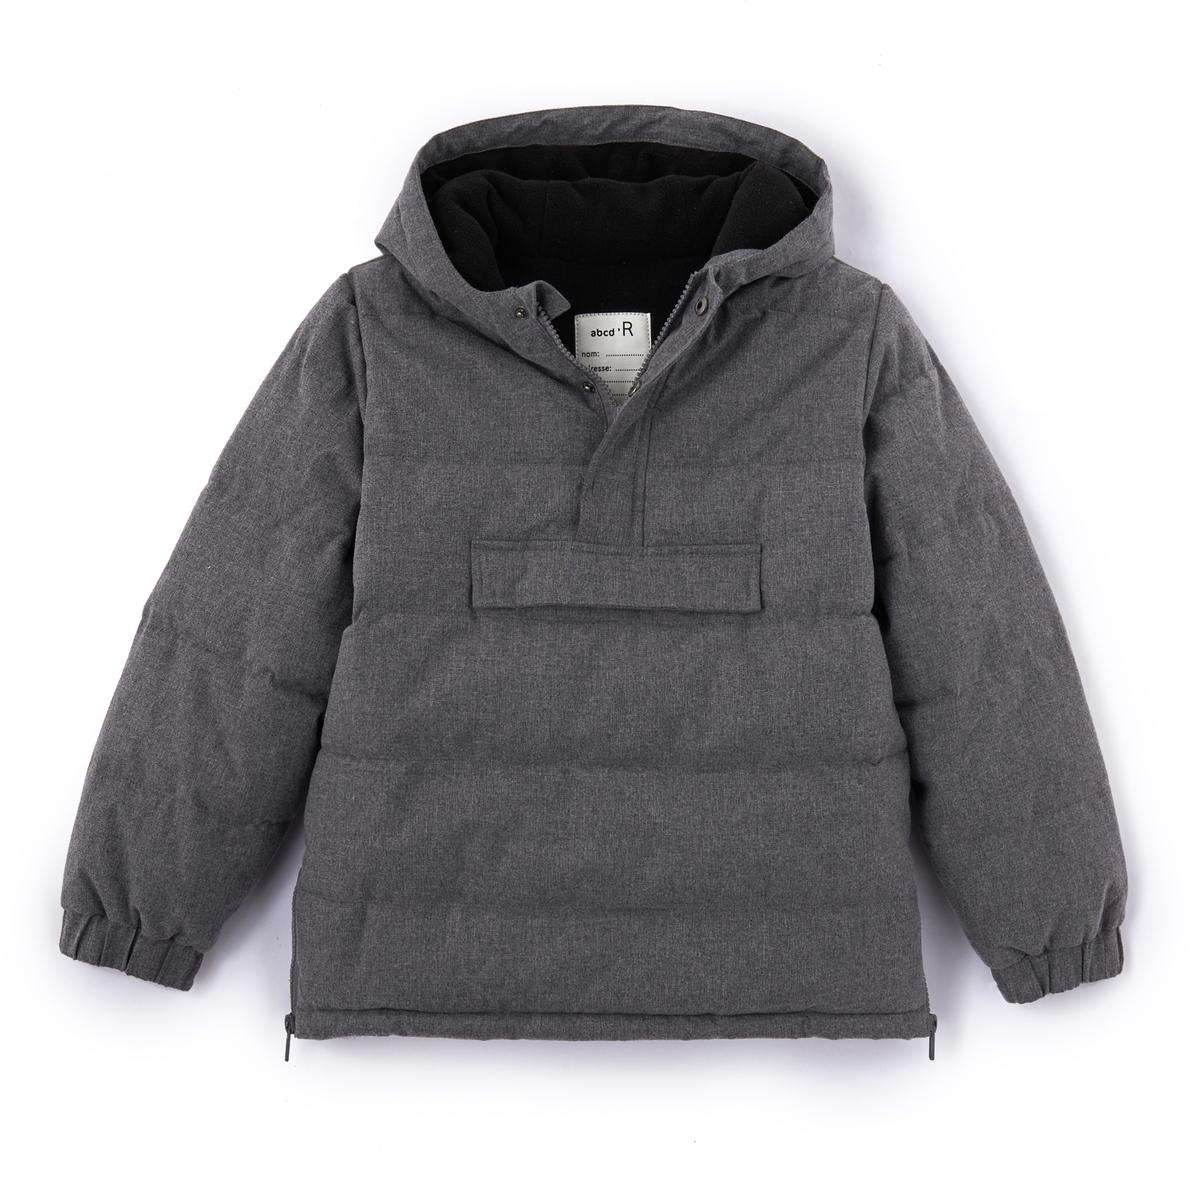 Куртка без застежки, 3-12 летДетали •  Зимняя модель •  Непромокаемая •  Застежка на молнию •  С капюшоном  •  Длина  : средняяСостав и уход •  100% полиэстер •  Температура стирки 30°   •  Сухая чистка и отбеливание запрещены •  Барабанная сушка на умеренном режиме •  Не гладить<br><br>Цвет: серый<br>Размер: 3 года - 94 см